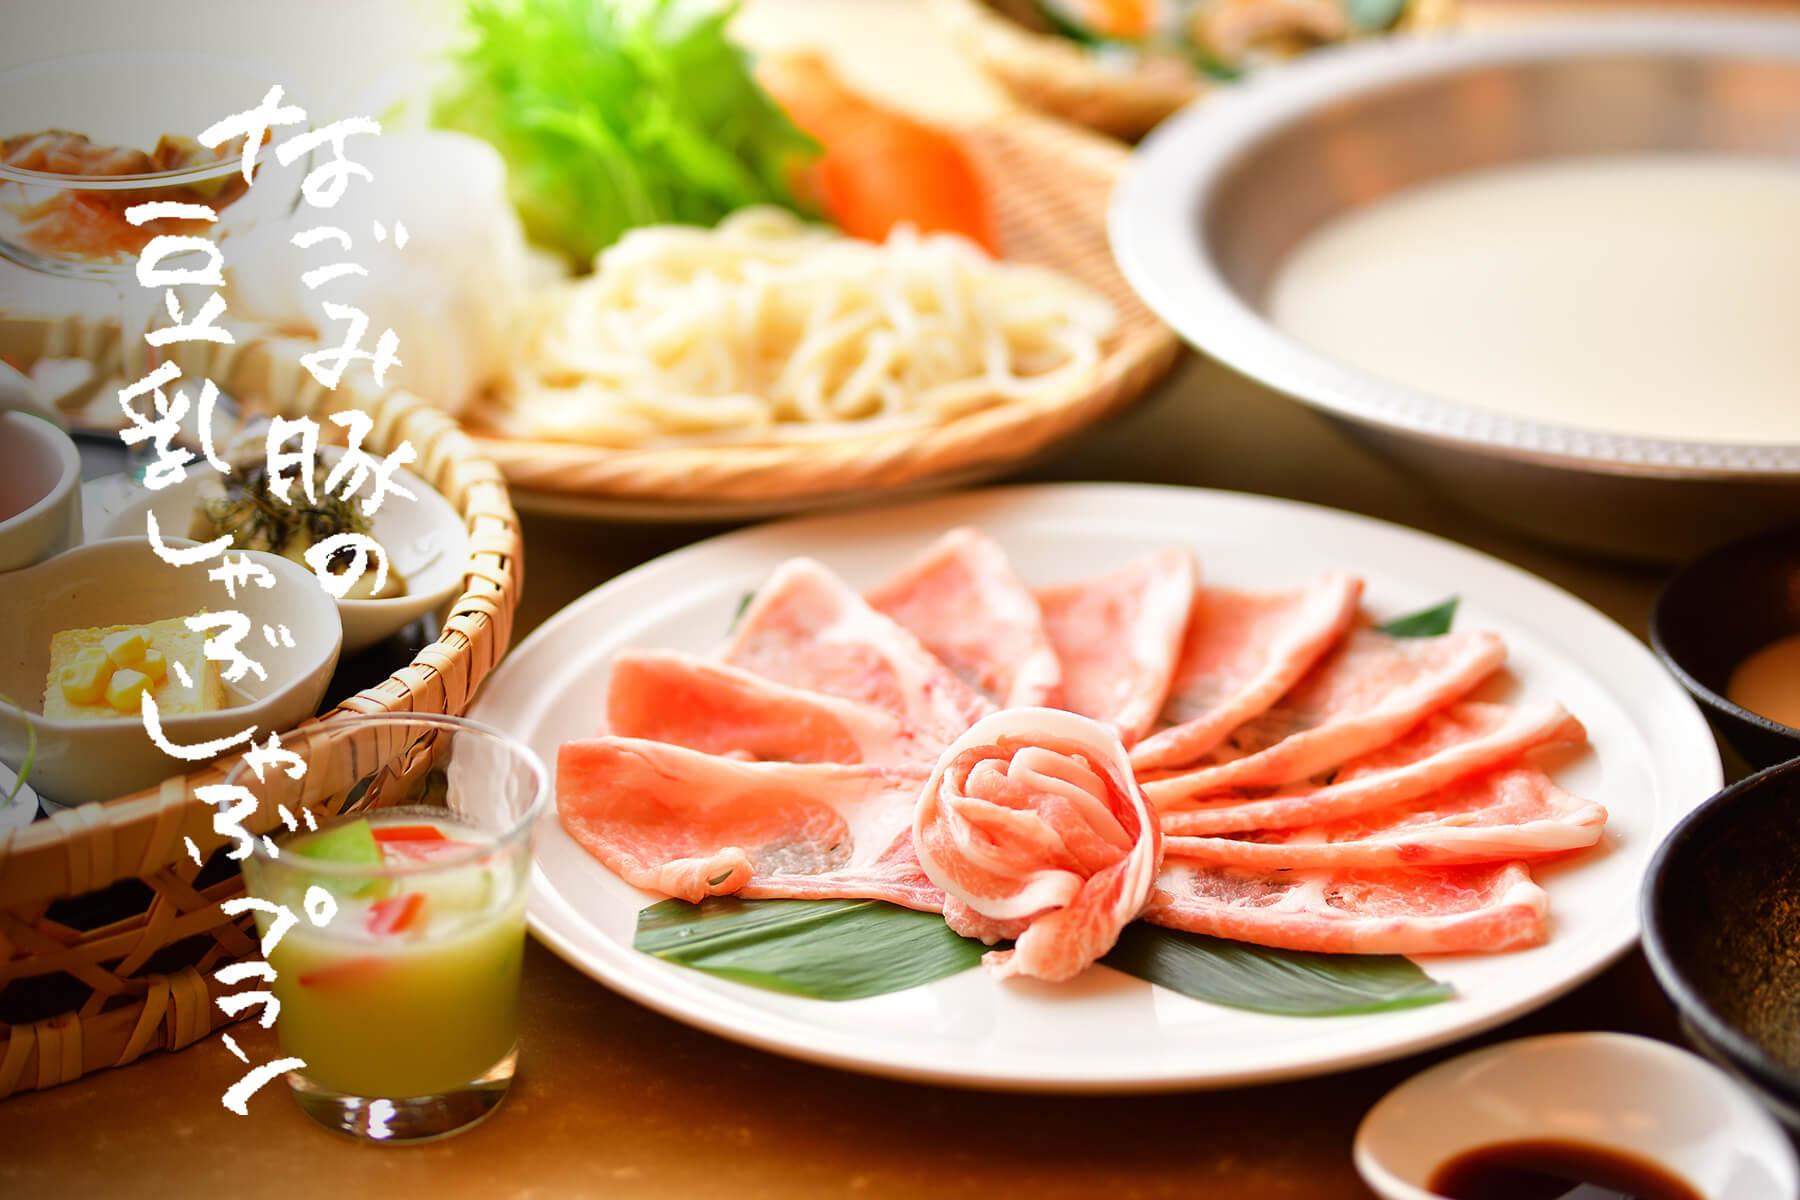 〈なごみ豚豆乳しゃぶしゃぶプラン 2019夏〉上越特産なごみ豚を堪能!